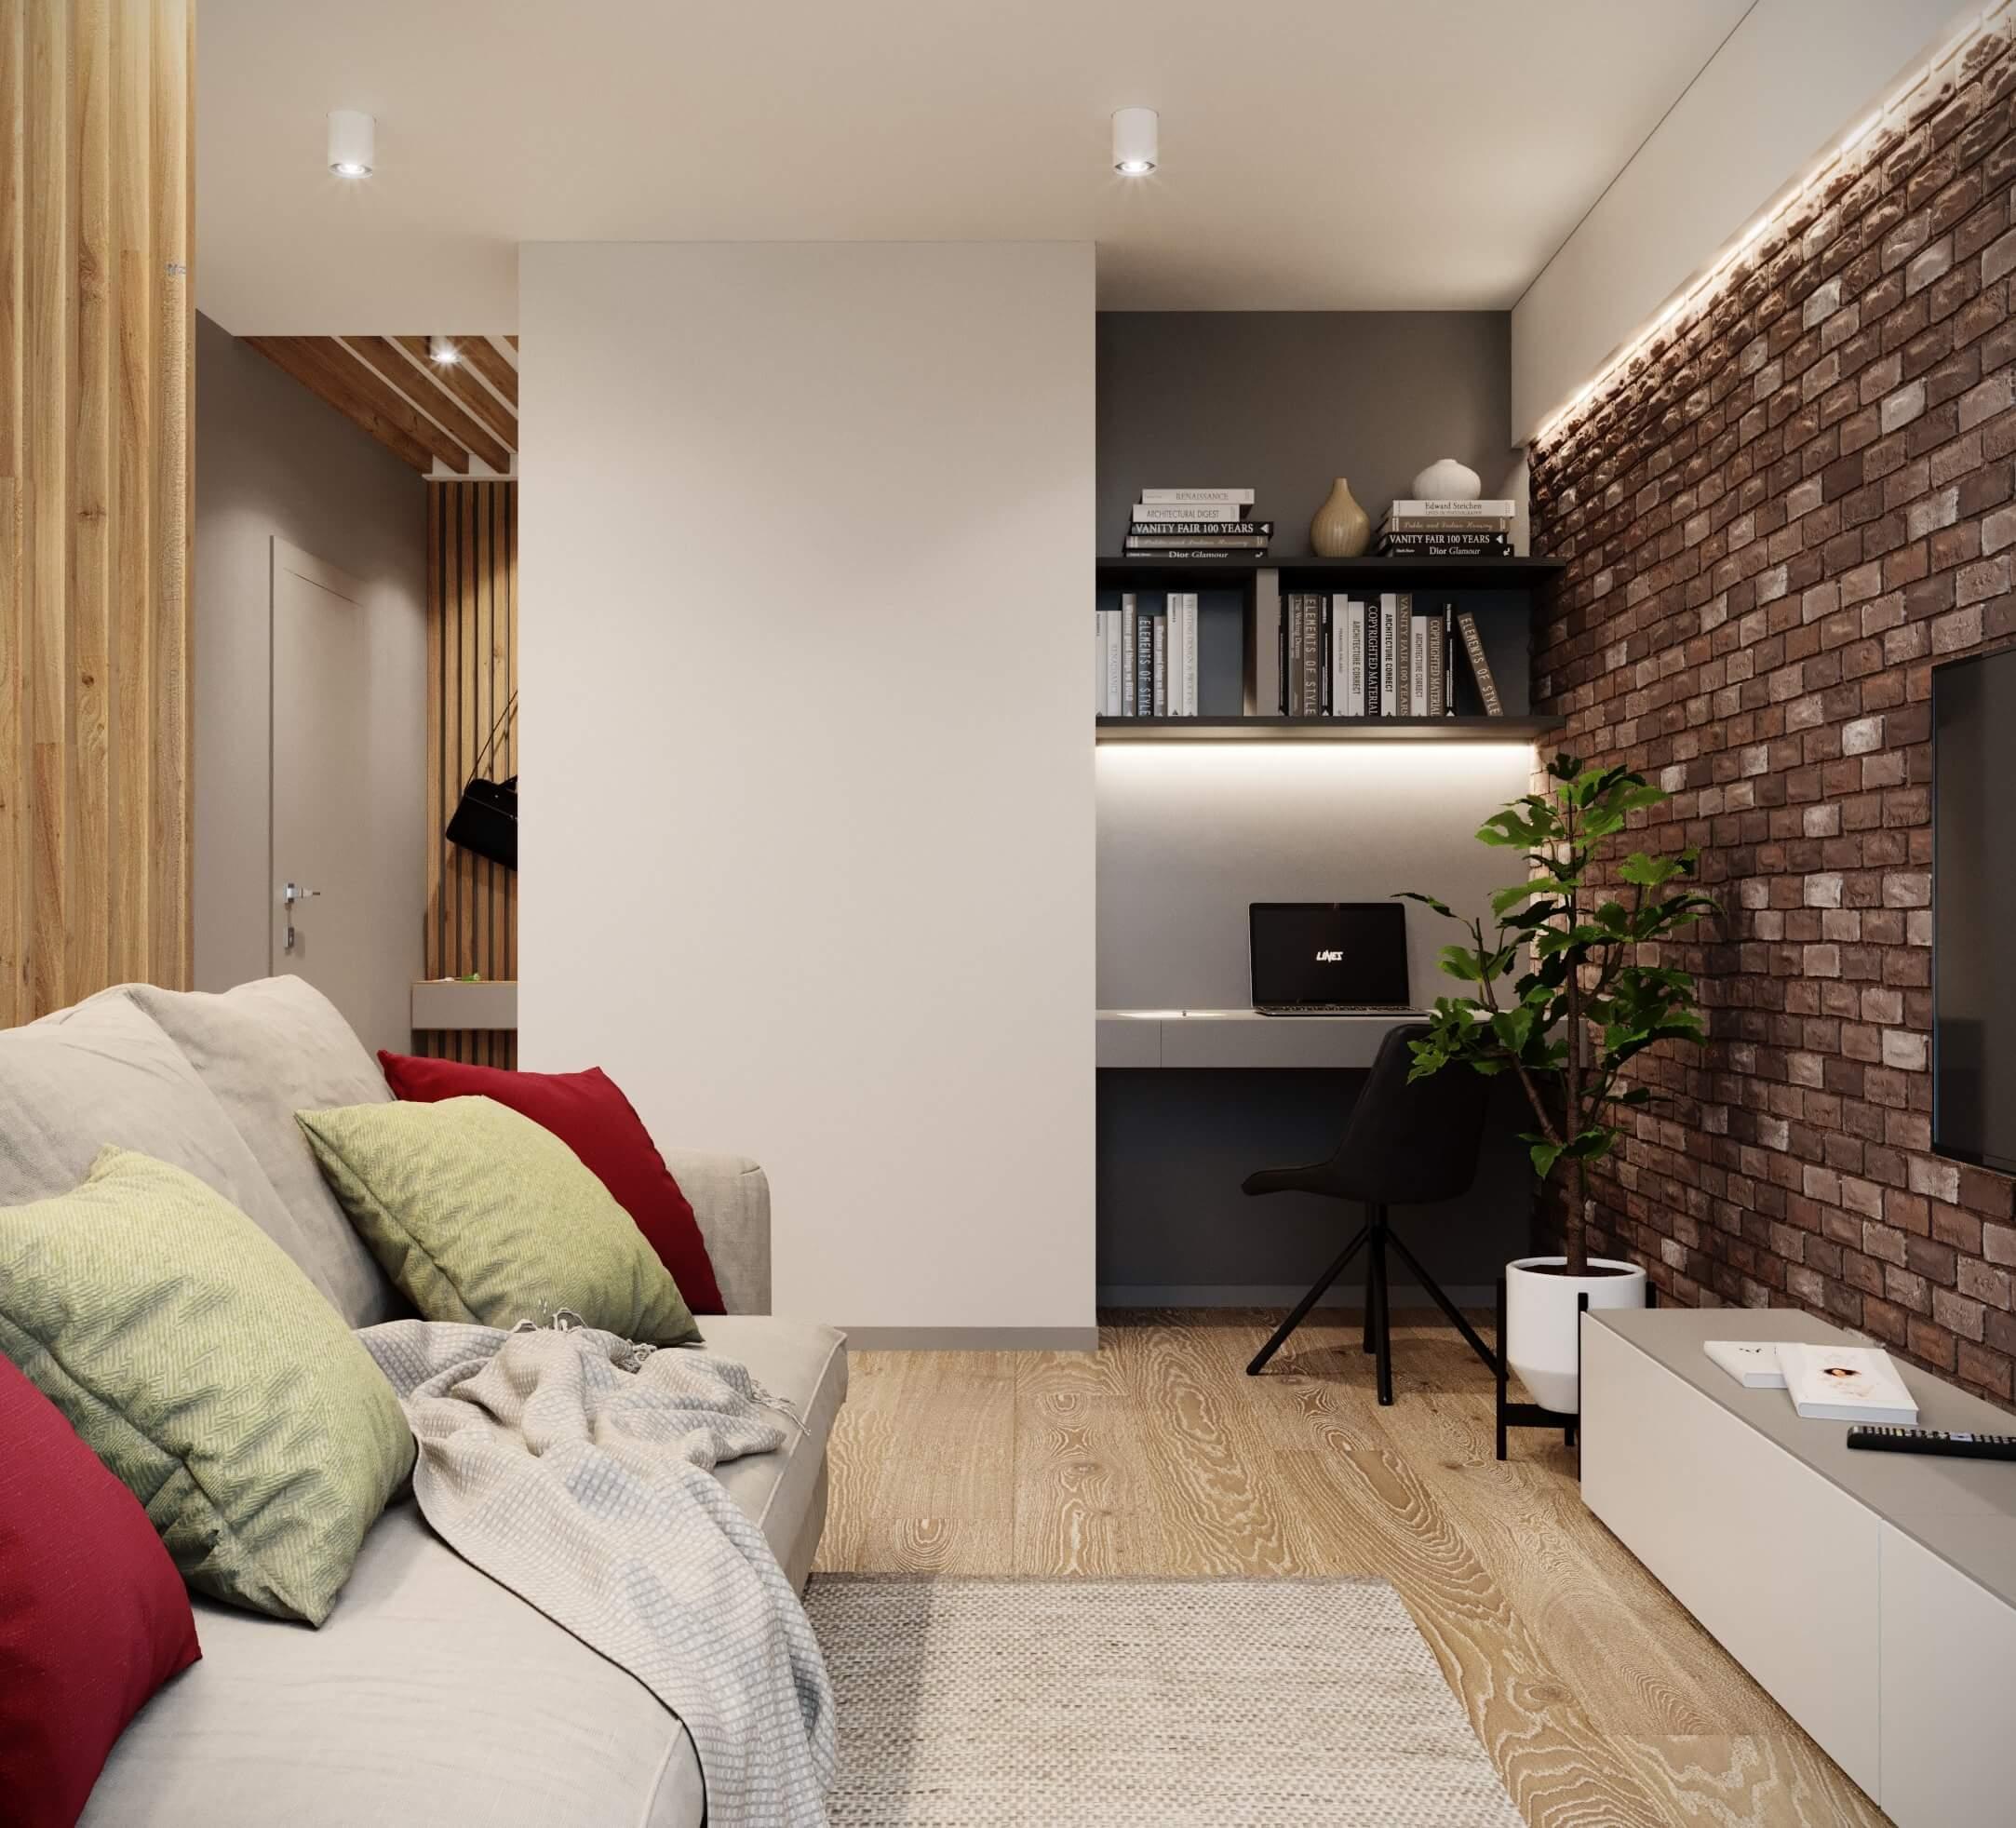 fo - Дизайн интерьера 1-2 комнатной квартиры 45 кв м